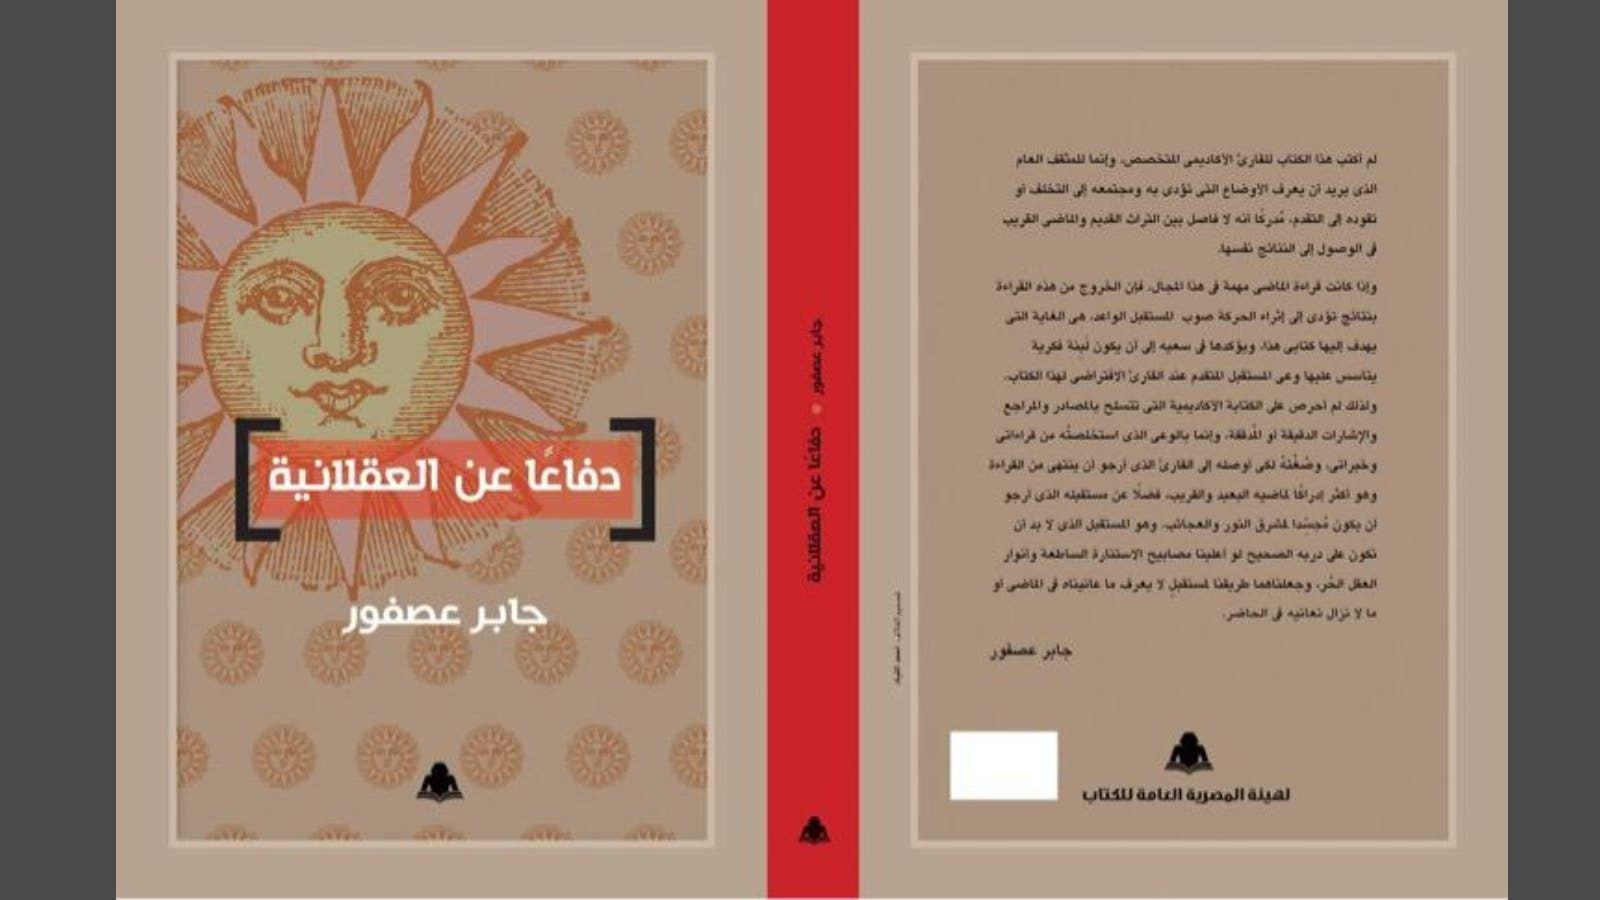 صدور كتاب دفاع ا عن العقلاني للمفكر الدكتور جابر عصفور Book Cover Ansan Books